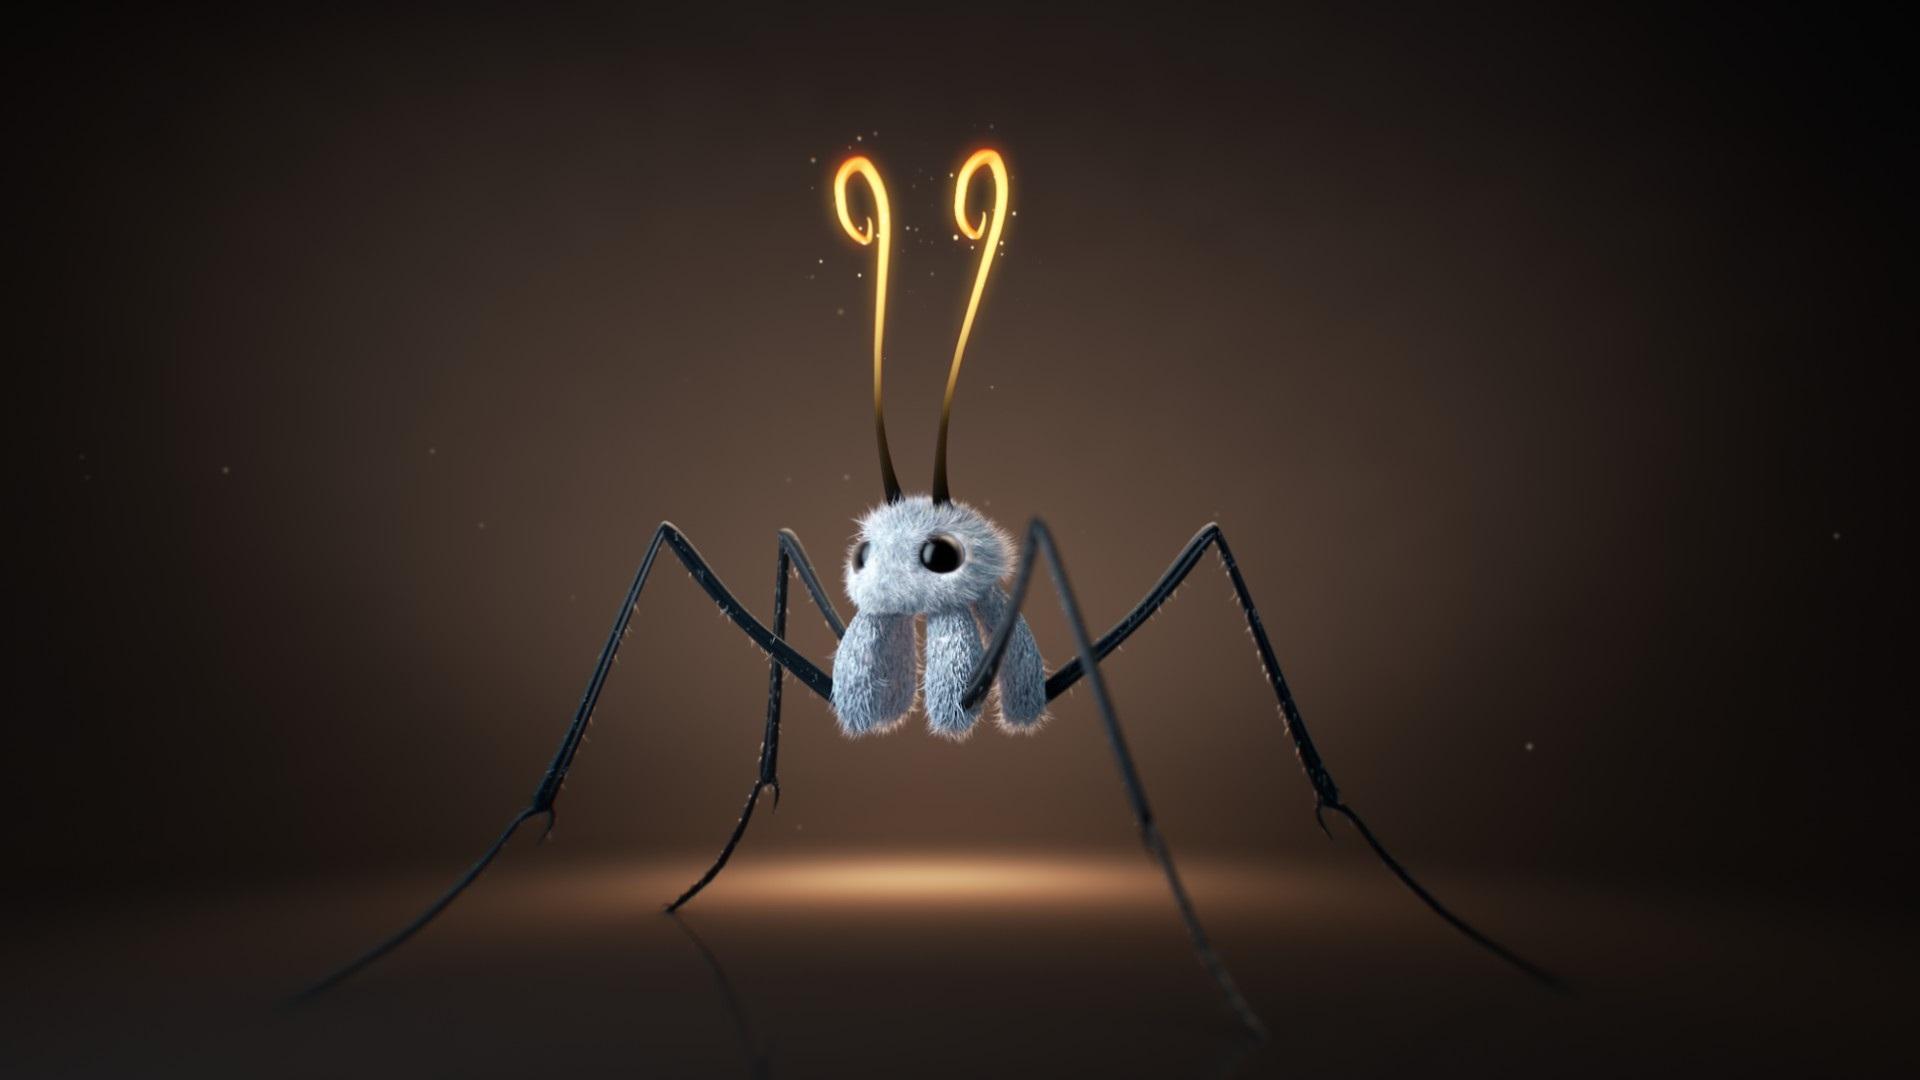 Fondos De Pantalla Criatura Peluda Como Una Araña Diseño